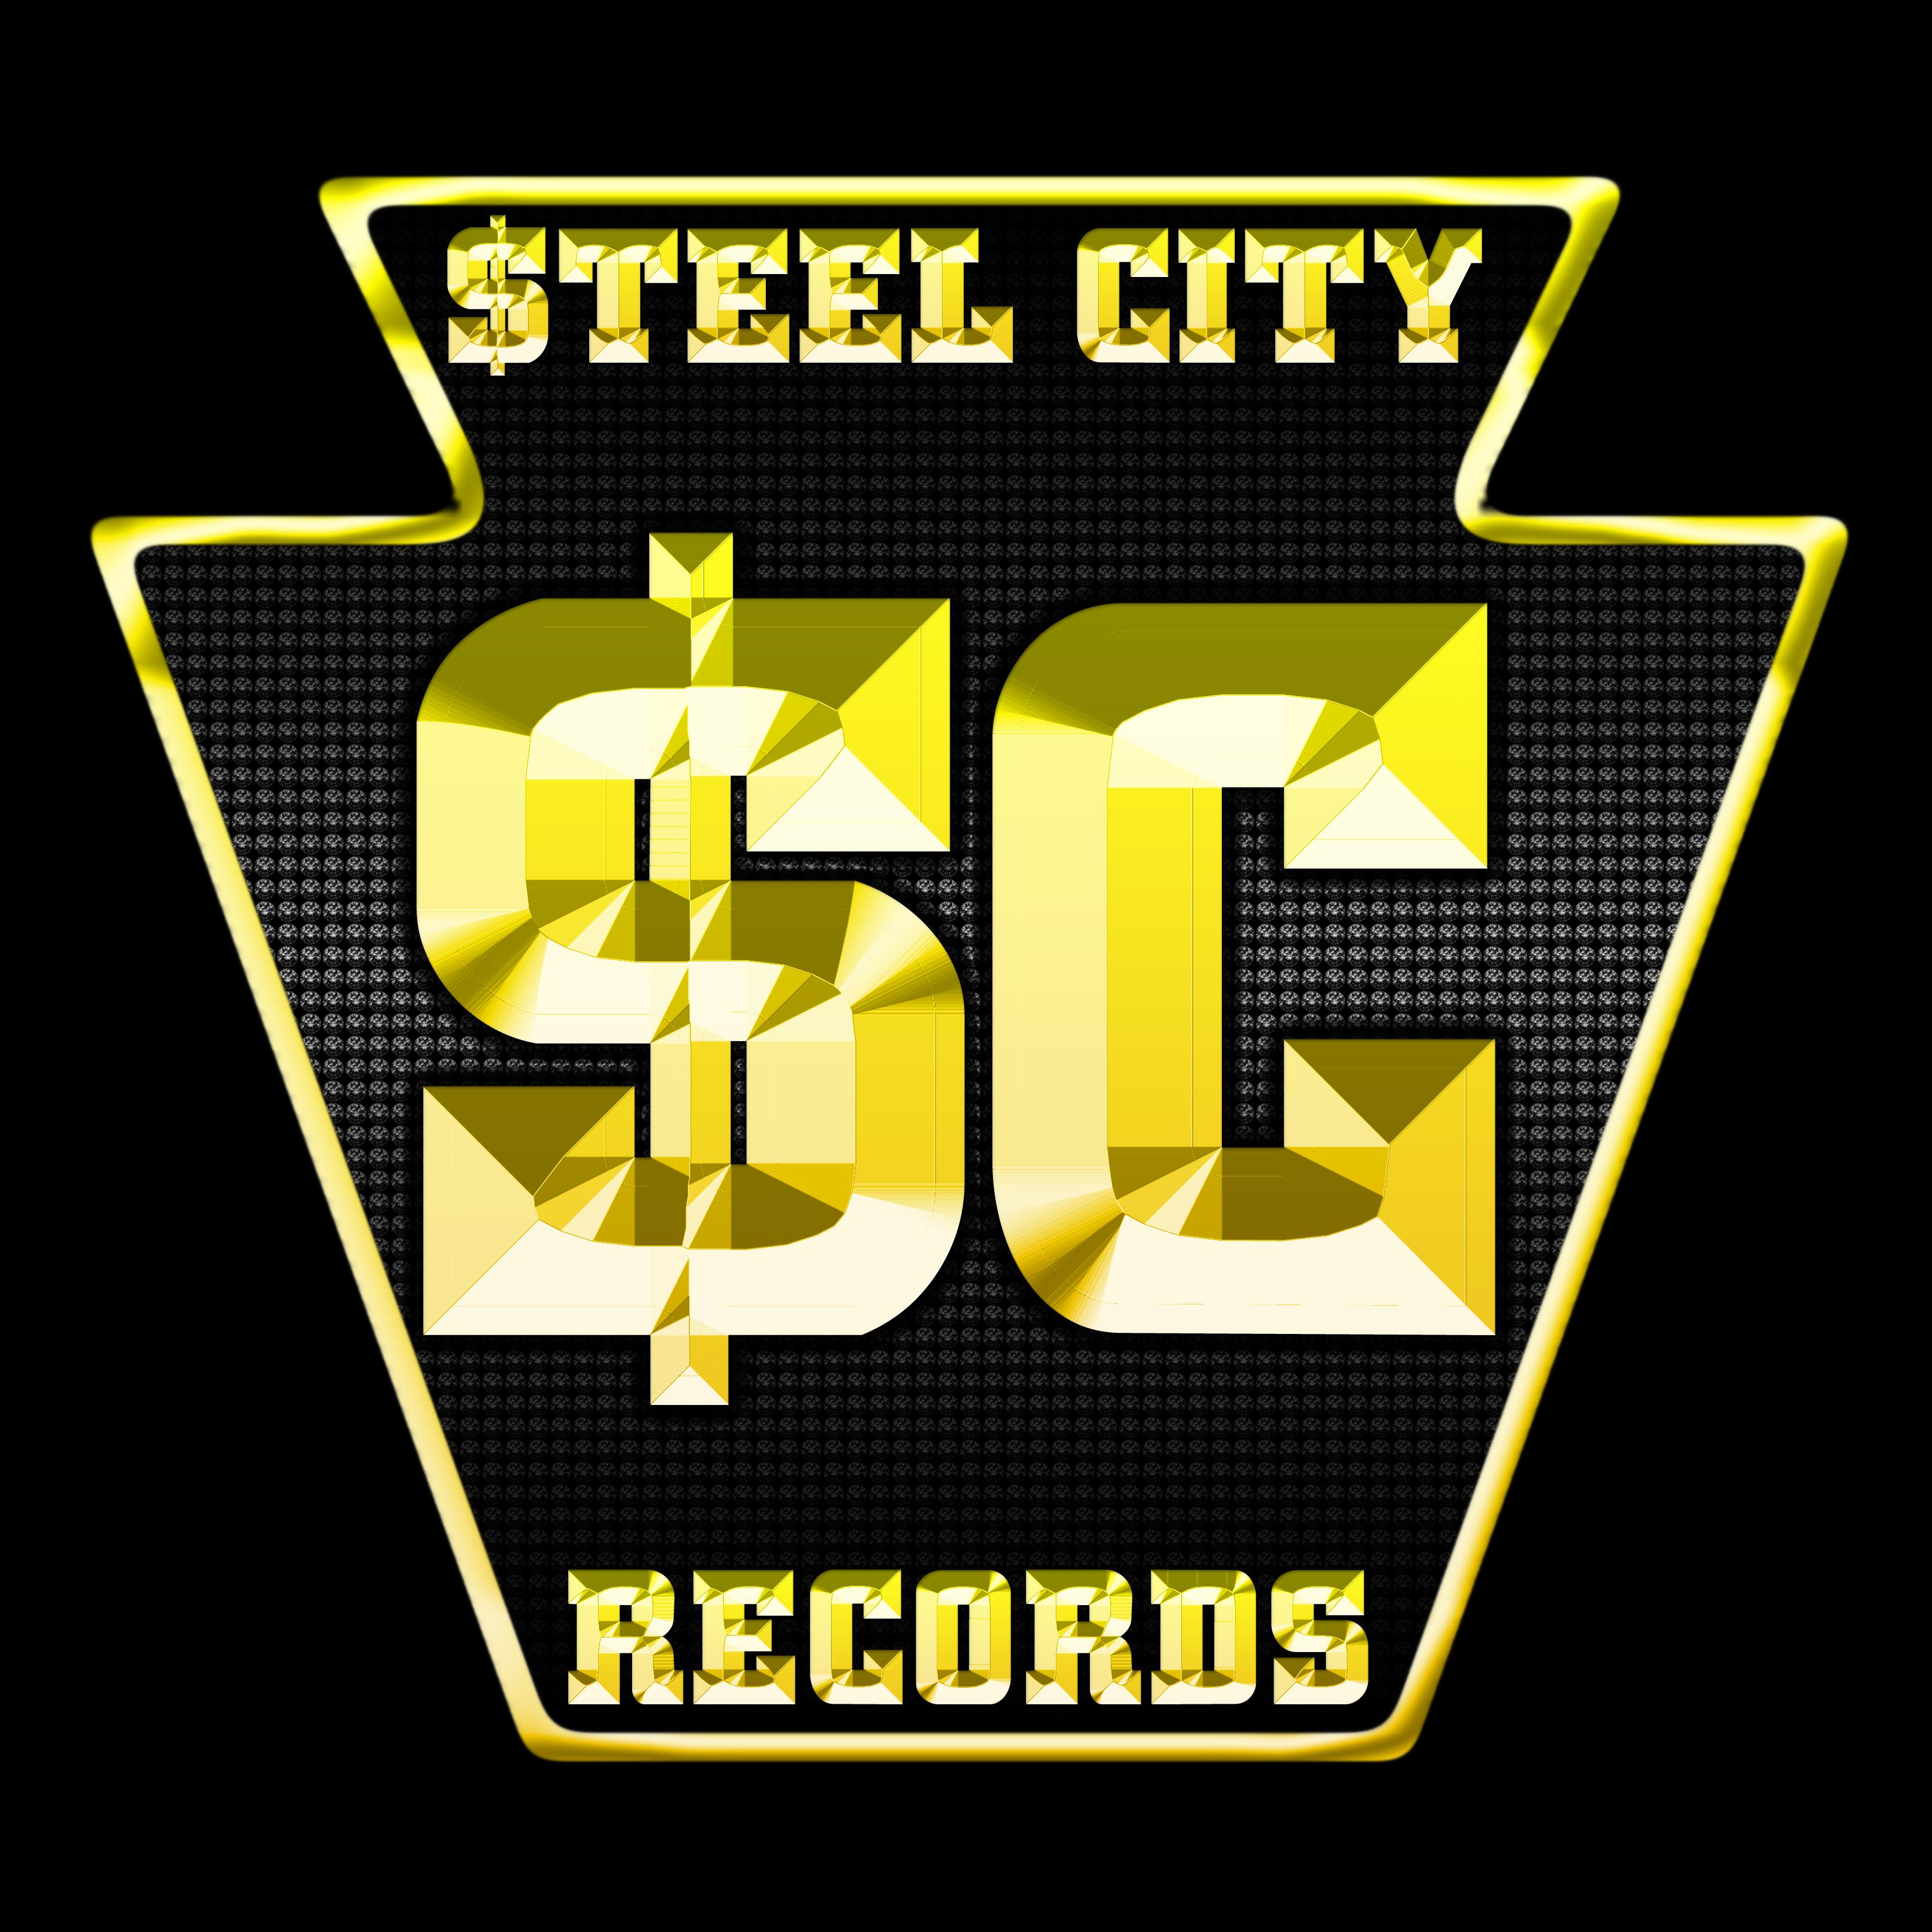 Steel City Records